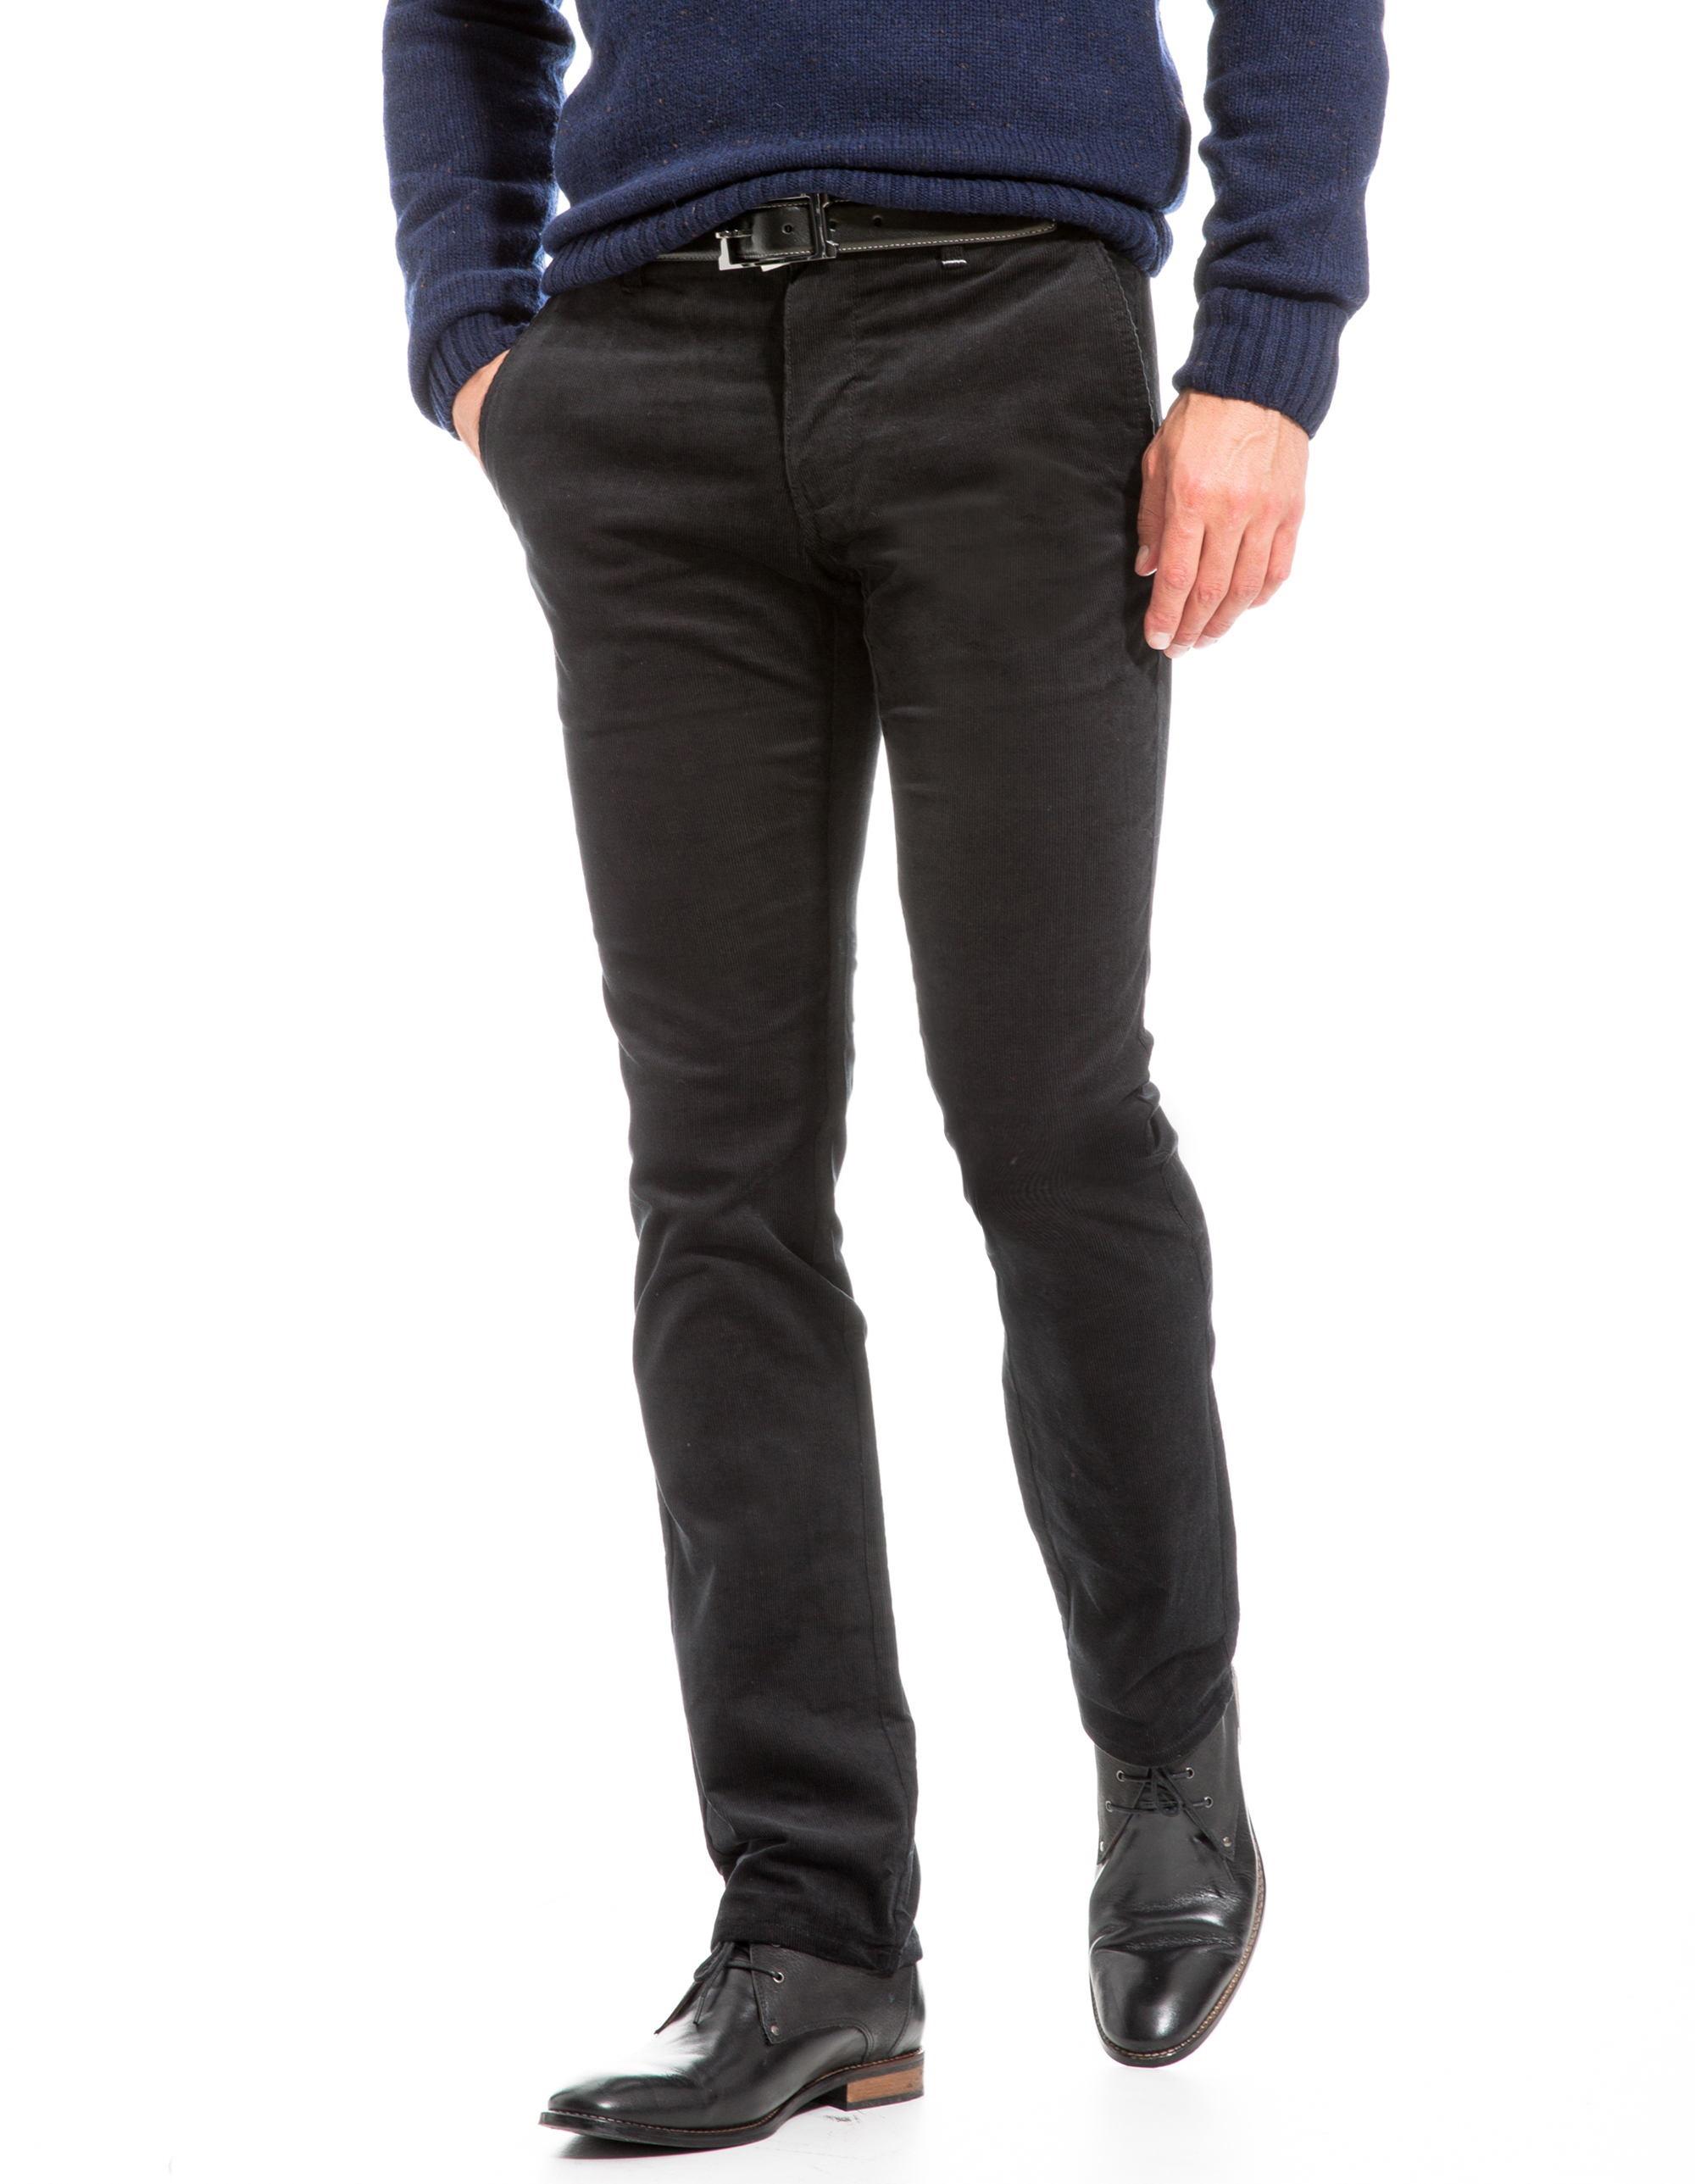 pantalon chino pour pas cher en friperie. Black Bedroom Furniture Sets. Home Design Ideas